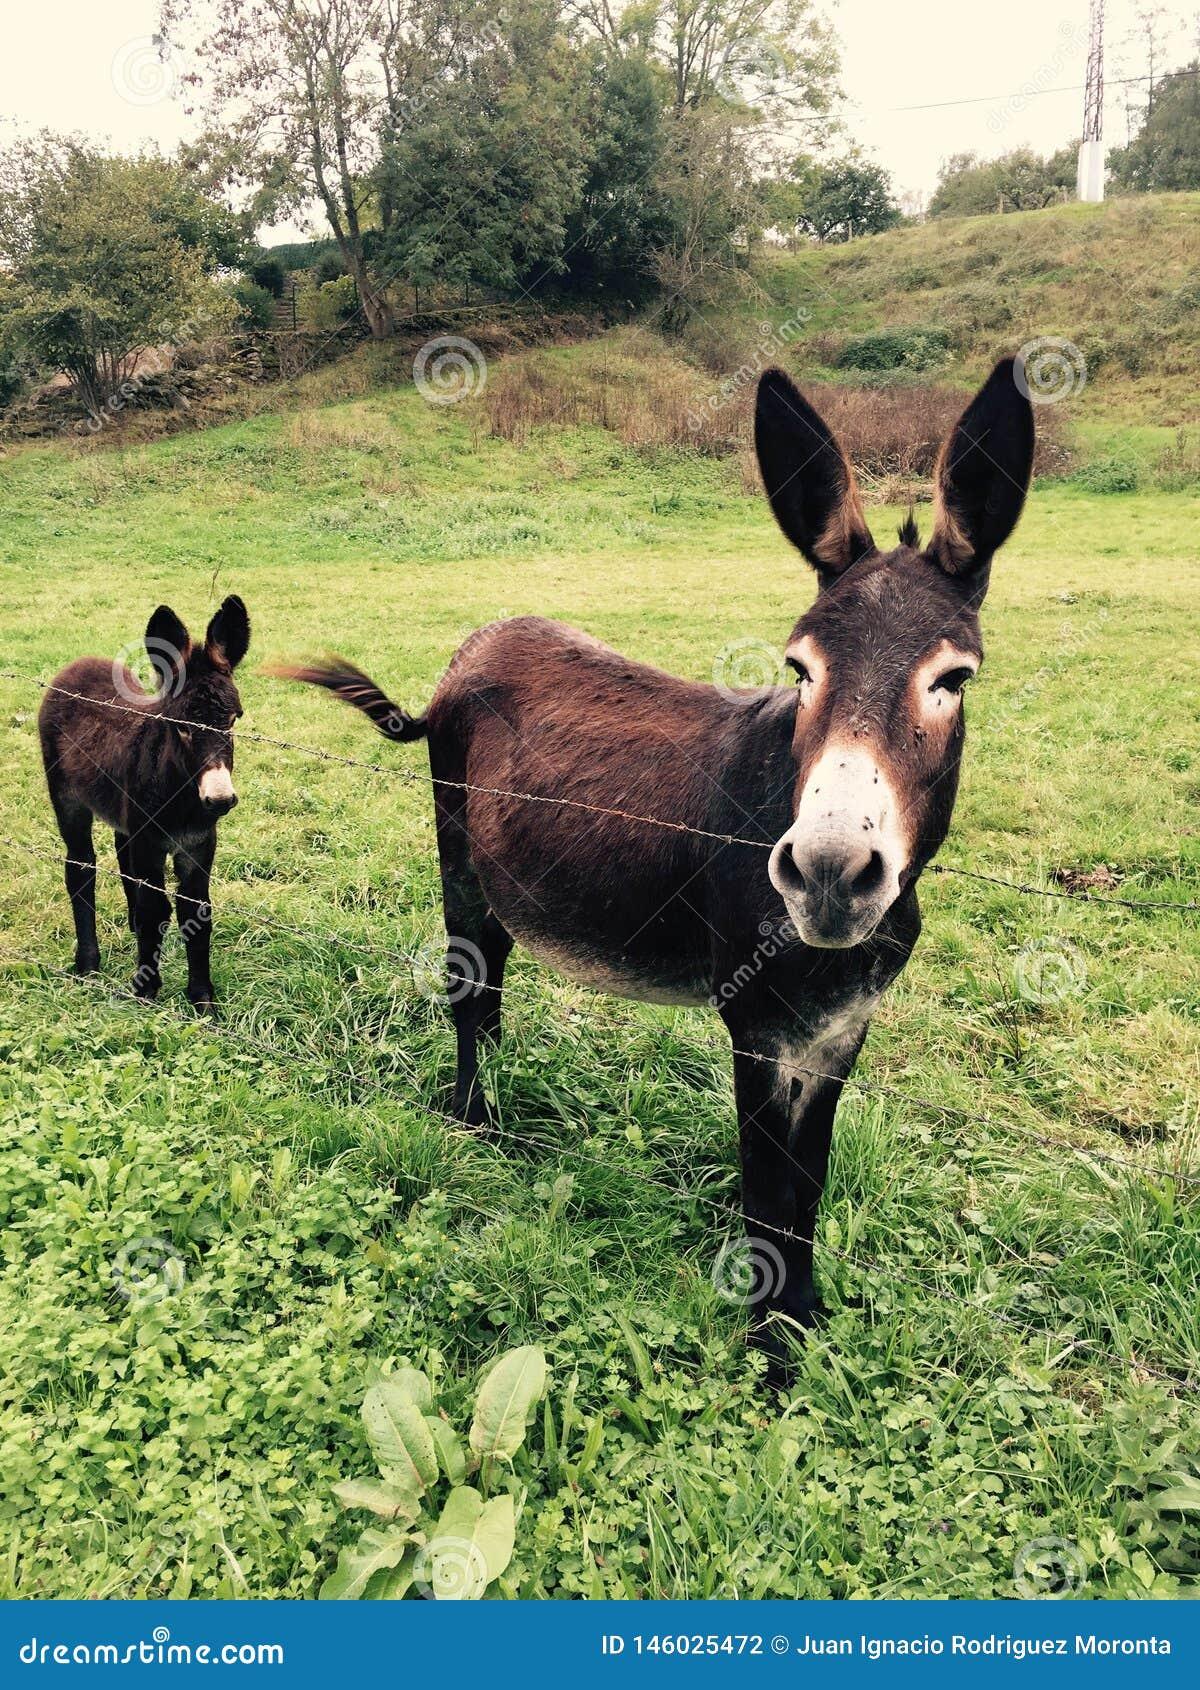 Burros marrones madre e hijo en un prado